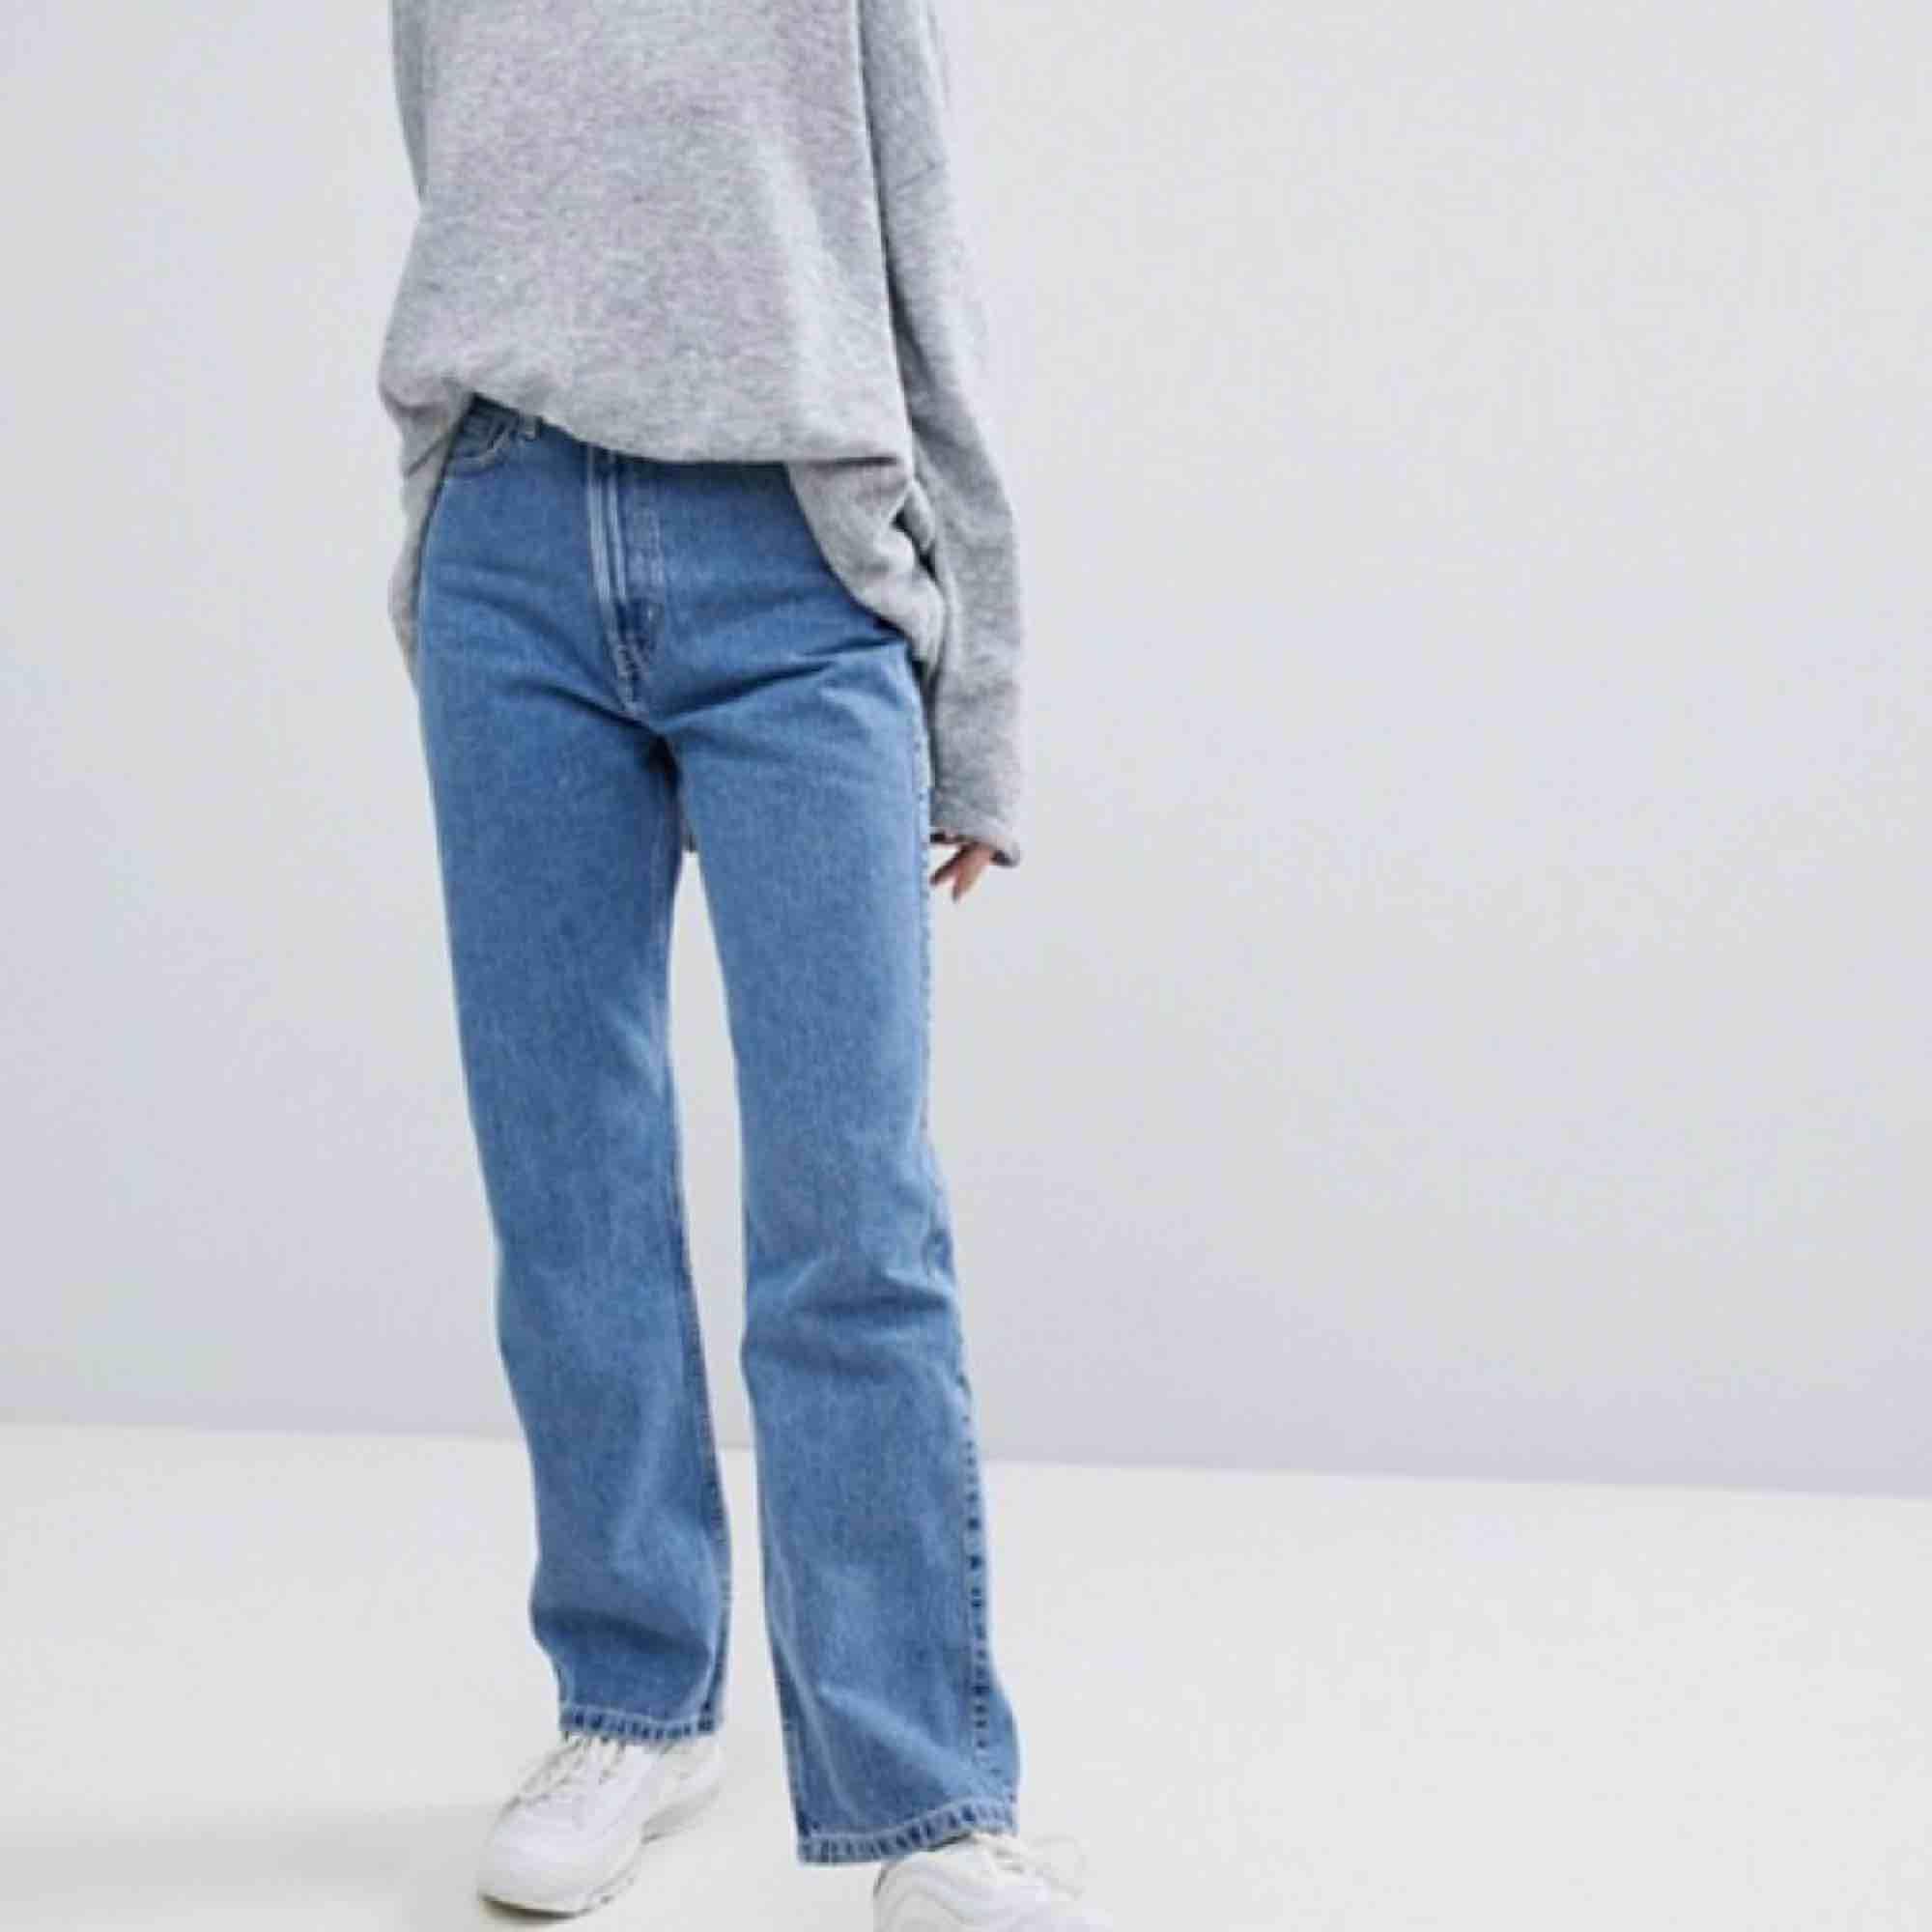 Köpte dessa skitsnygga weekday byxor, modell ROW sky blue, storlek 27/30 men va tyvärr för stora för mig, är det någon som kanske har ett likadana par i storlek 26 istället som skulle kunna tänka  sig byta? Eller har några att sälja för billigt pris🥰 . Jeans & Byxor.